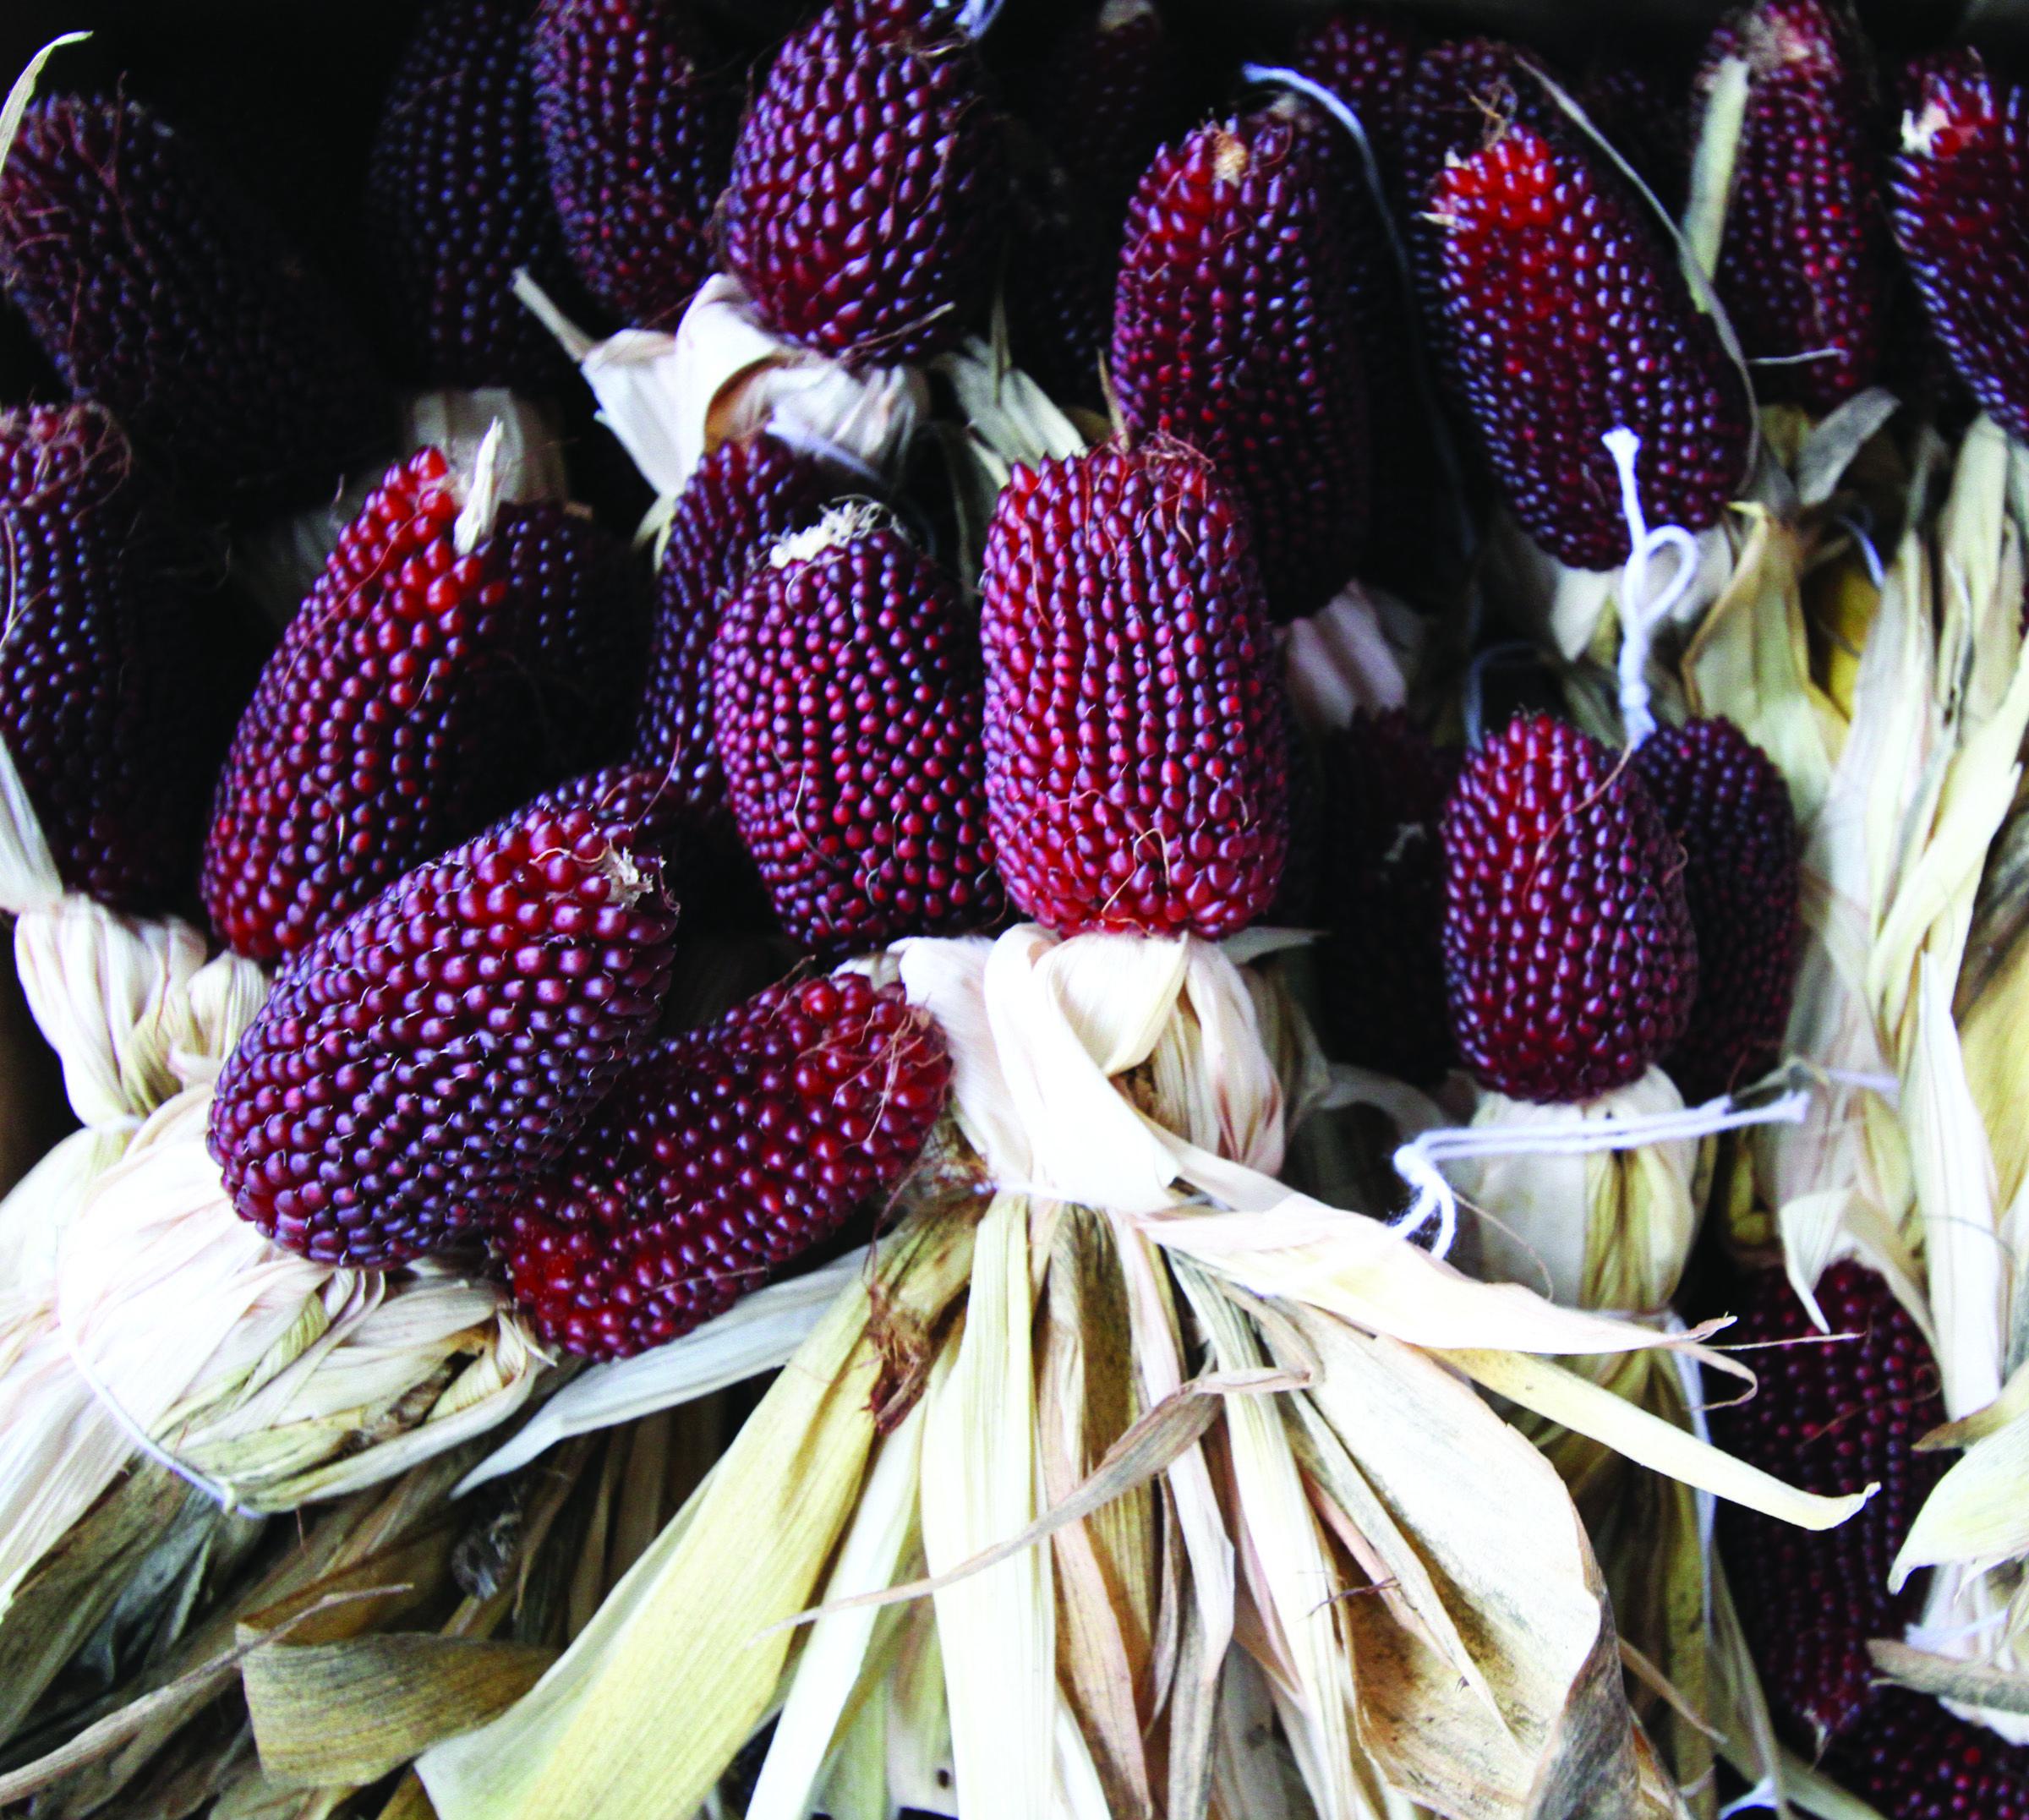 Выбор лучшего сорта кукурузы. лучшее время для посадки семян на участке - огород, сад, балкон - медиаплатформа миртесен